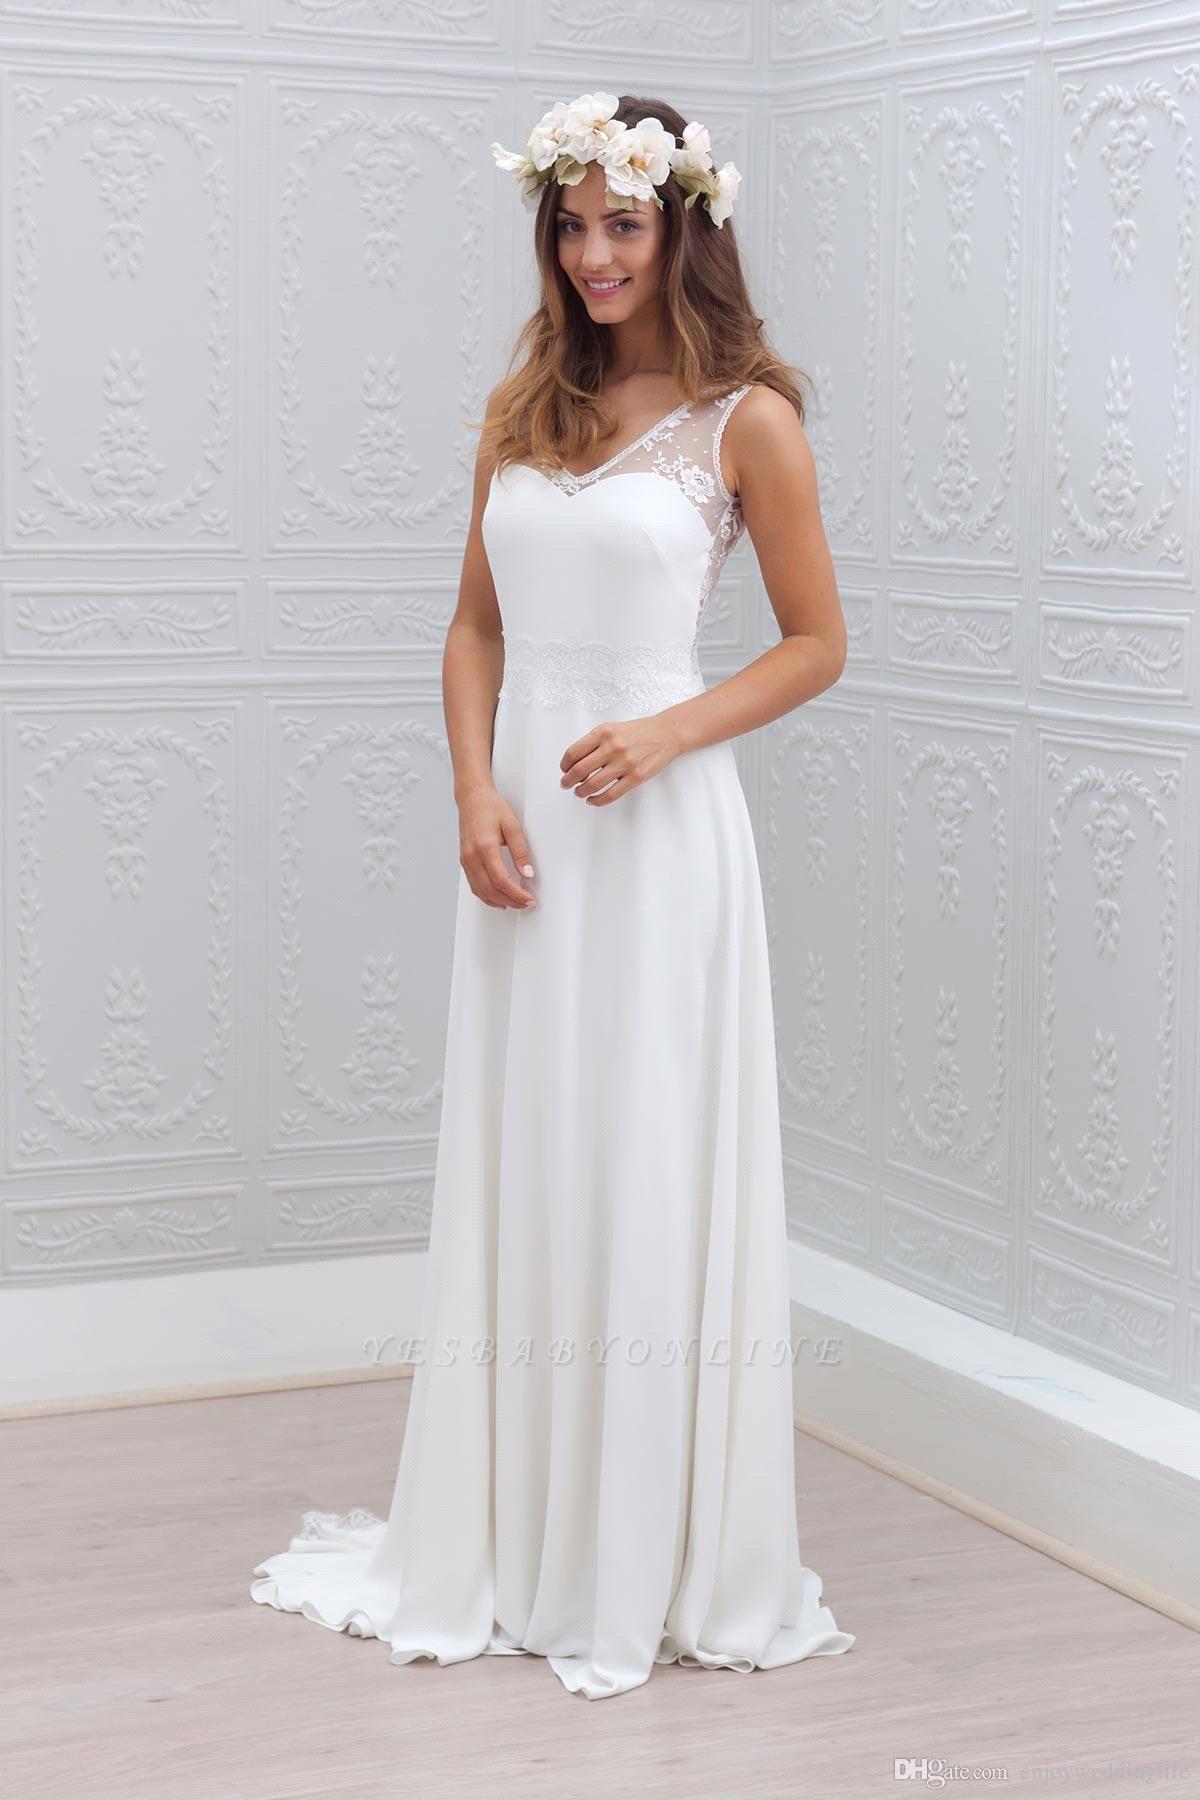 Bowknot Lace Sleeveless V-Neck Chiffon Glamorous White Wedding Dress